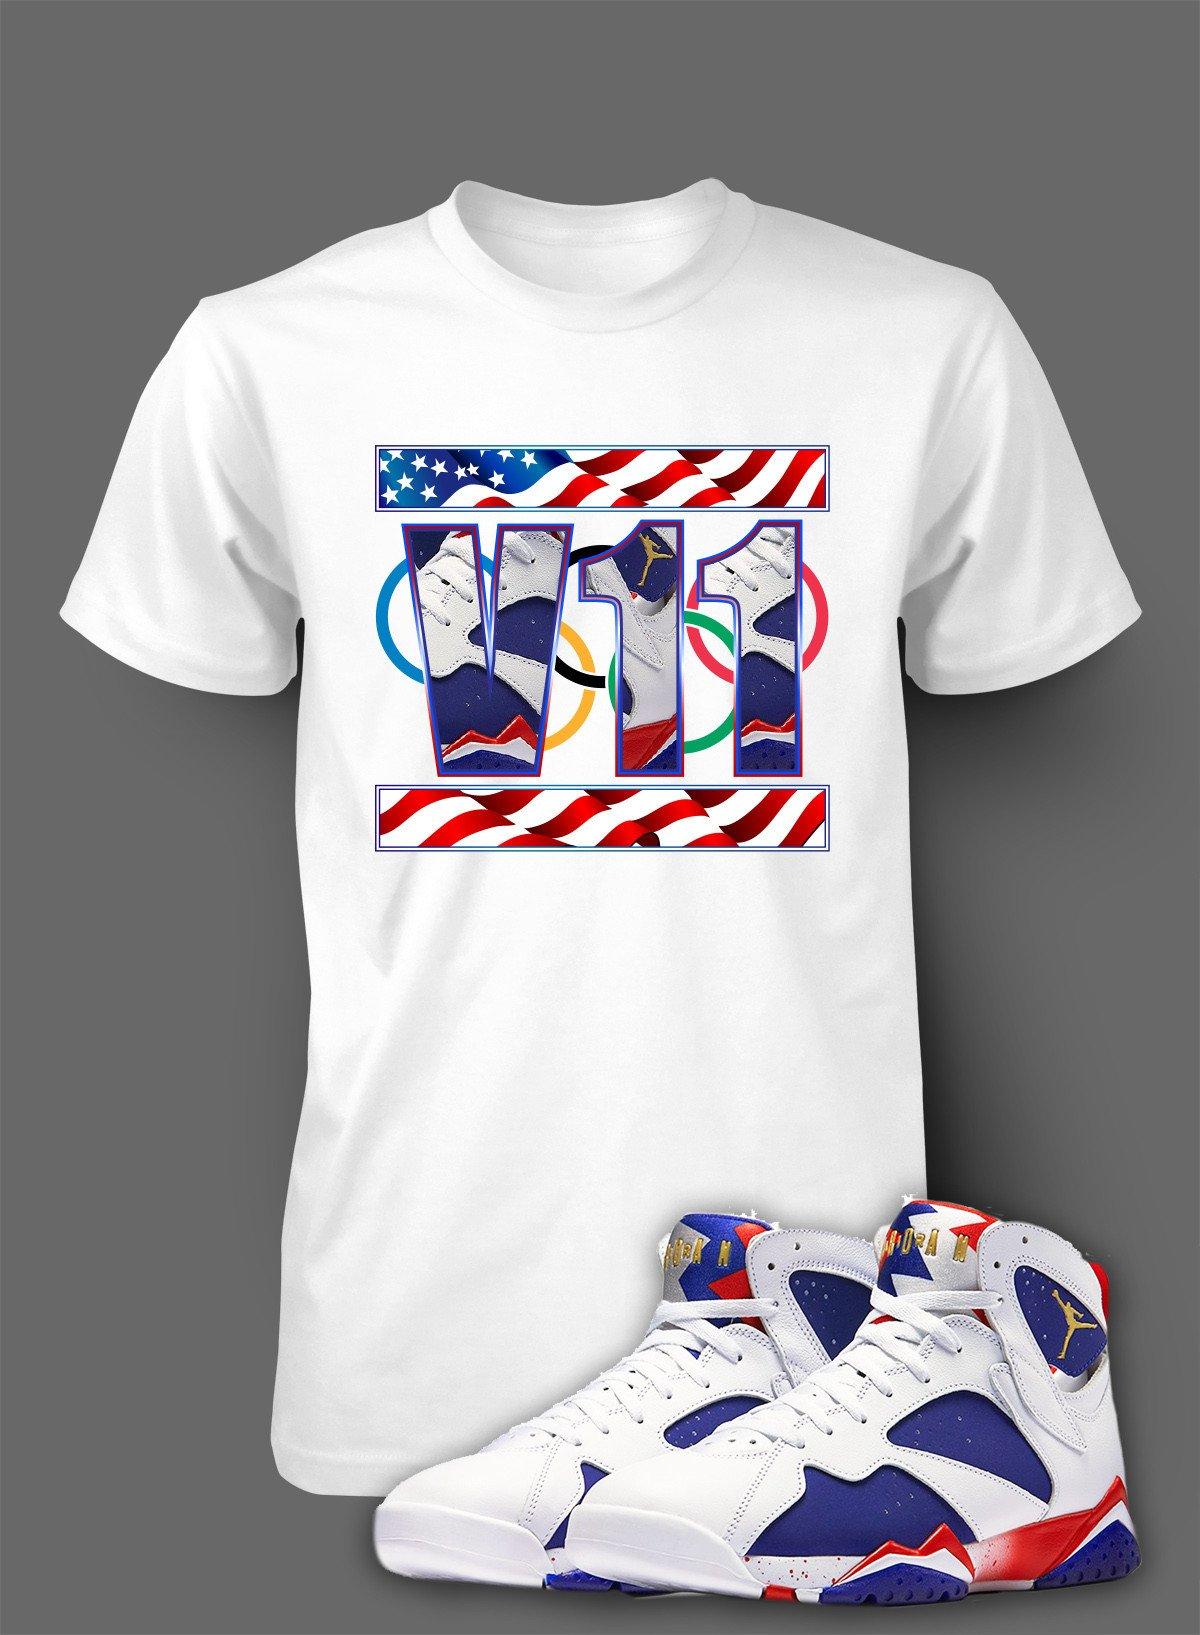 4405e973806 T Shirt To Match Retro Air Jordan 7 Olympic Shoe Custom Mens Tee Design  Sizing S M L XL XL-Tall 2XL 2XL-Tall 3XL 3XL-Tall LENGTH 28